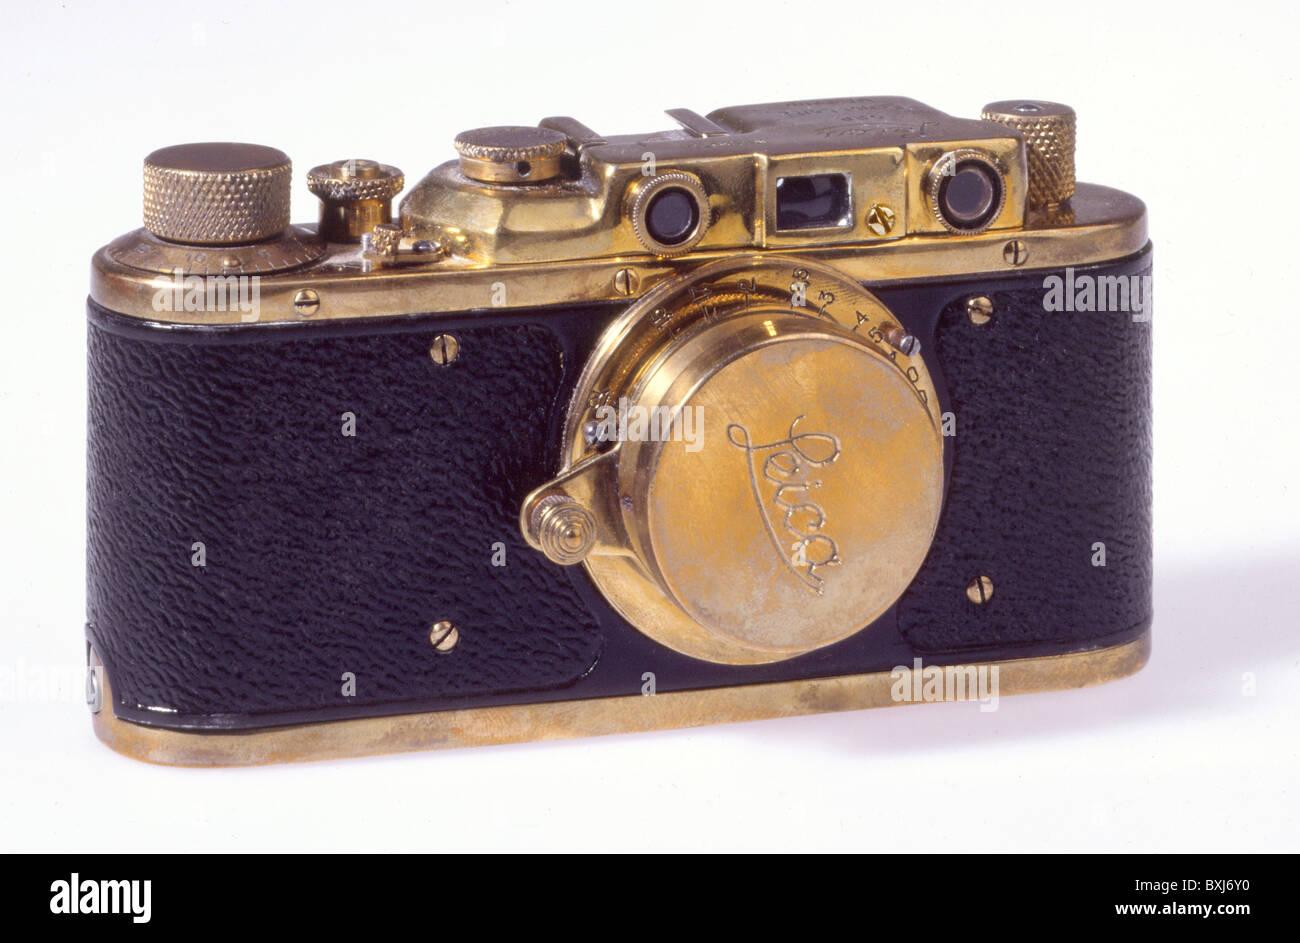 Leica Entfernungsmesser Golf : Review aufmaß im raum mit leica bluetooth laser disto d und der